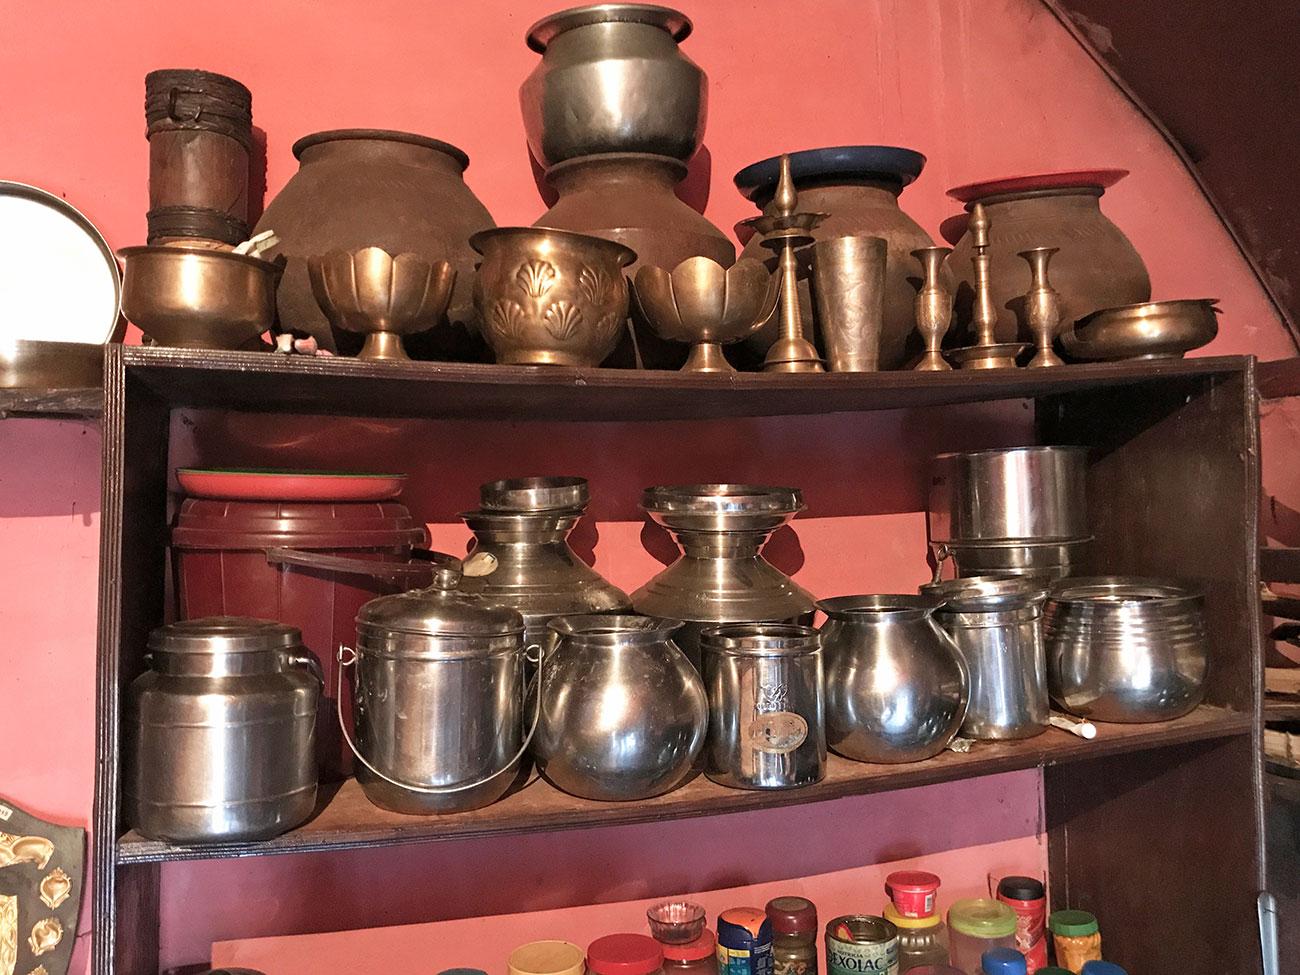 トダ族の一般家庭、磨き込まれた調理器具